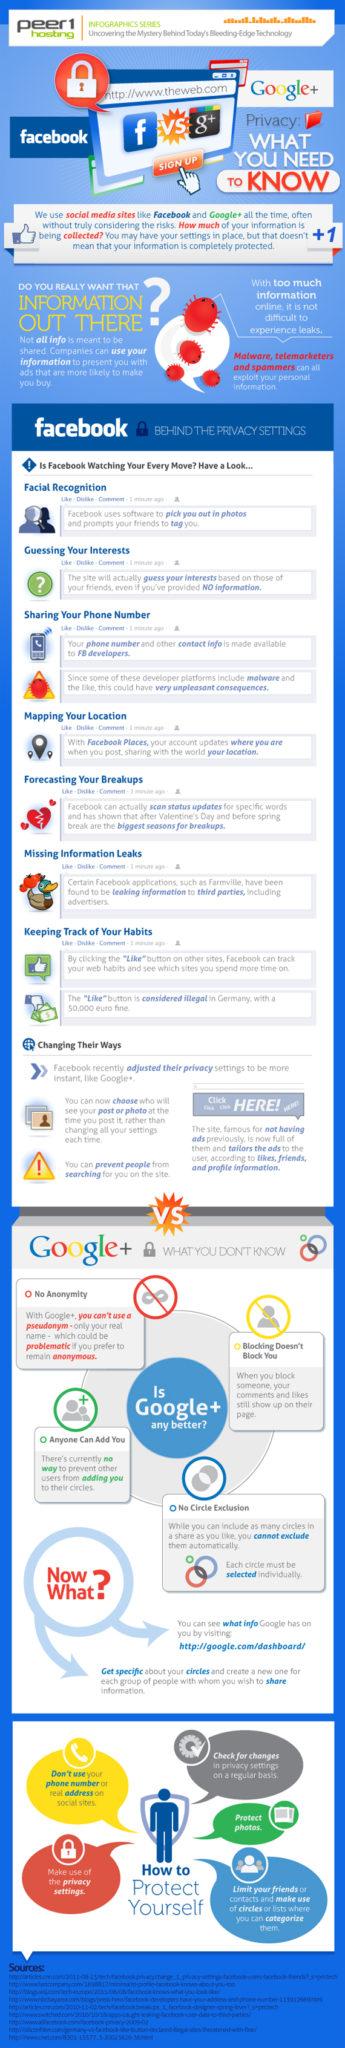 Infographie : La vie privée vue par Facebook et Google+